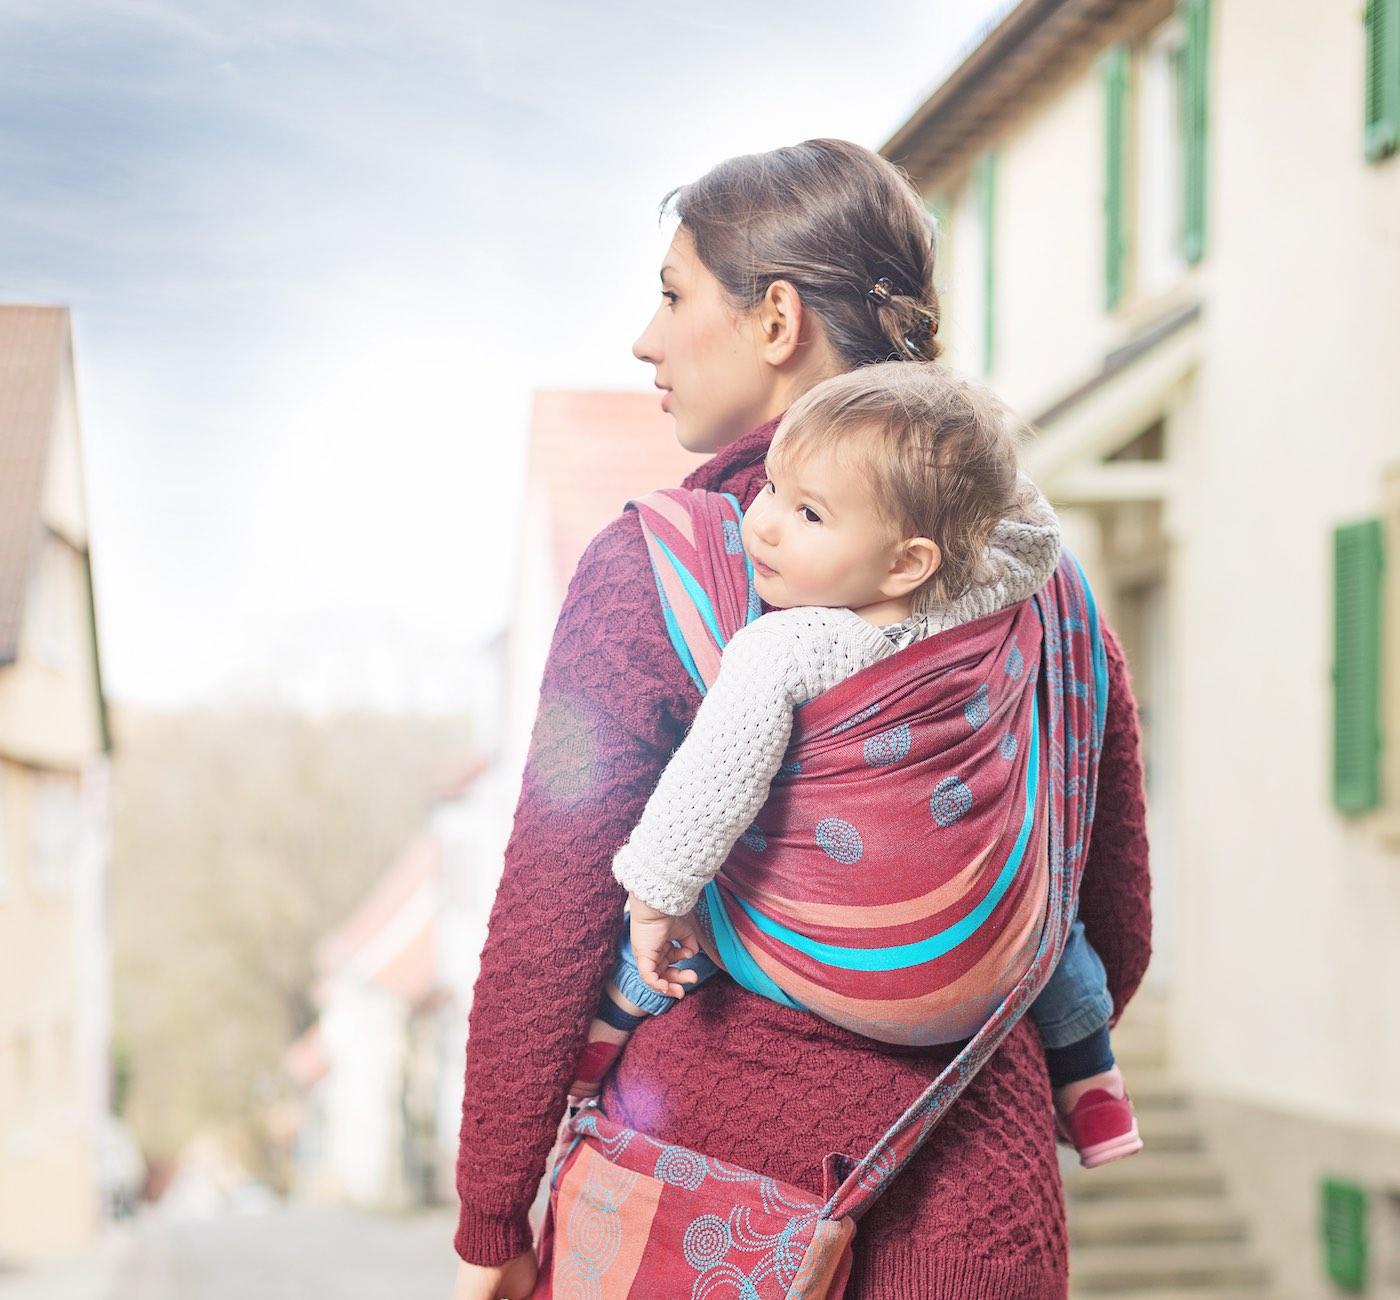 Mit dem Baby im Tragetuch unterwegs | berlinmitkind.de